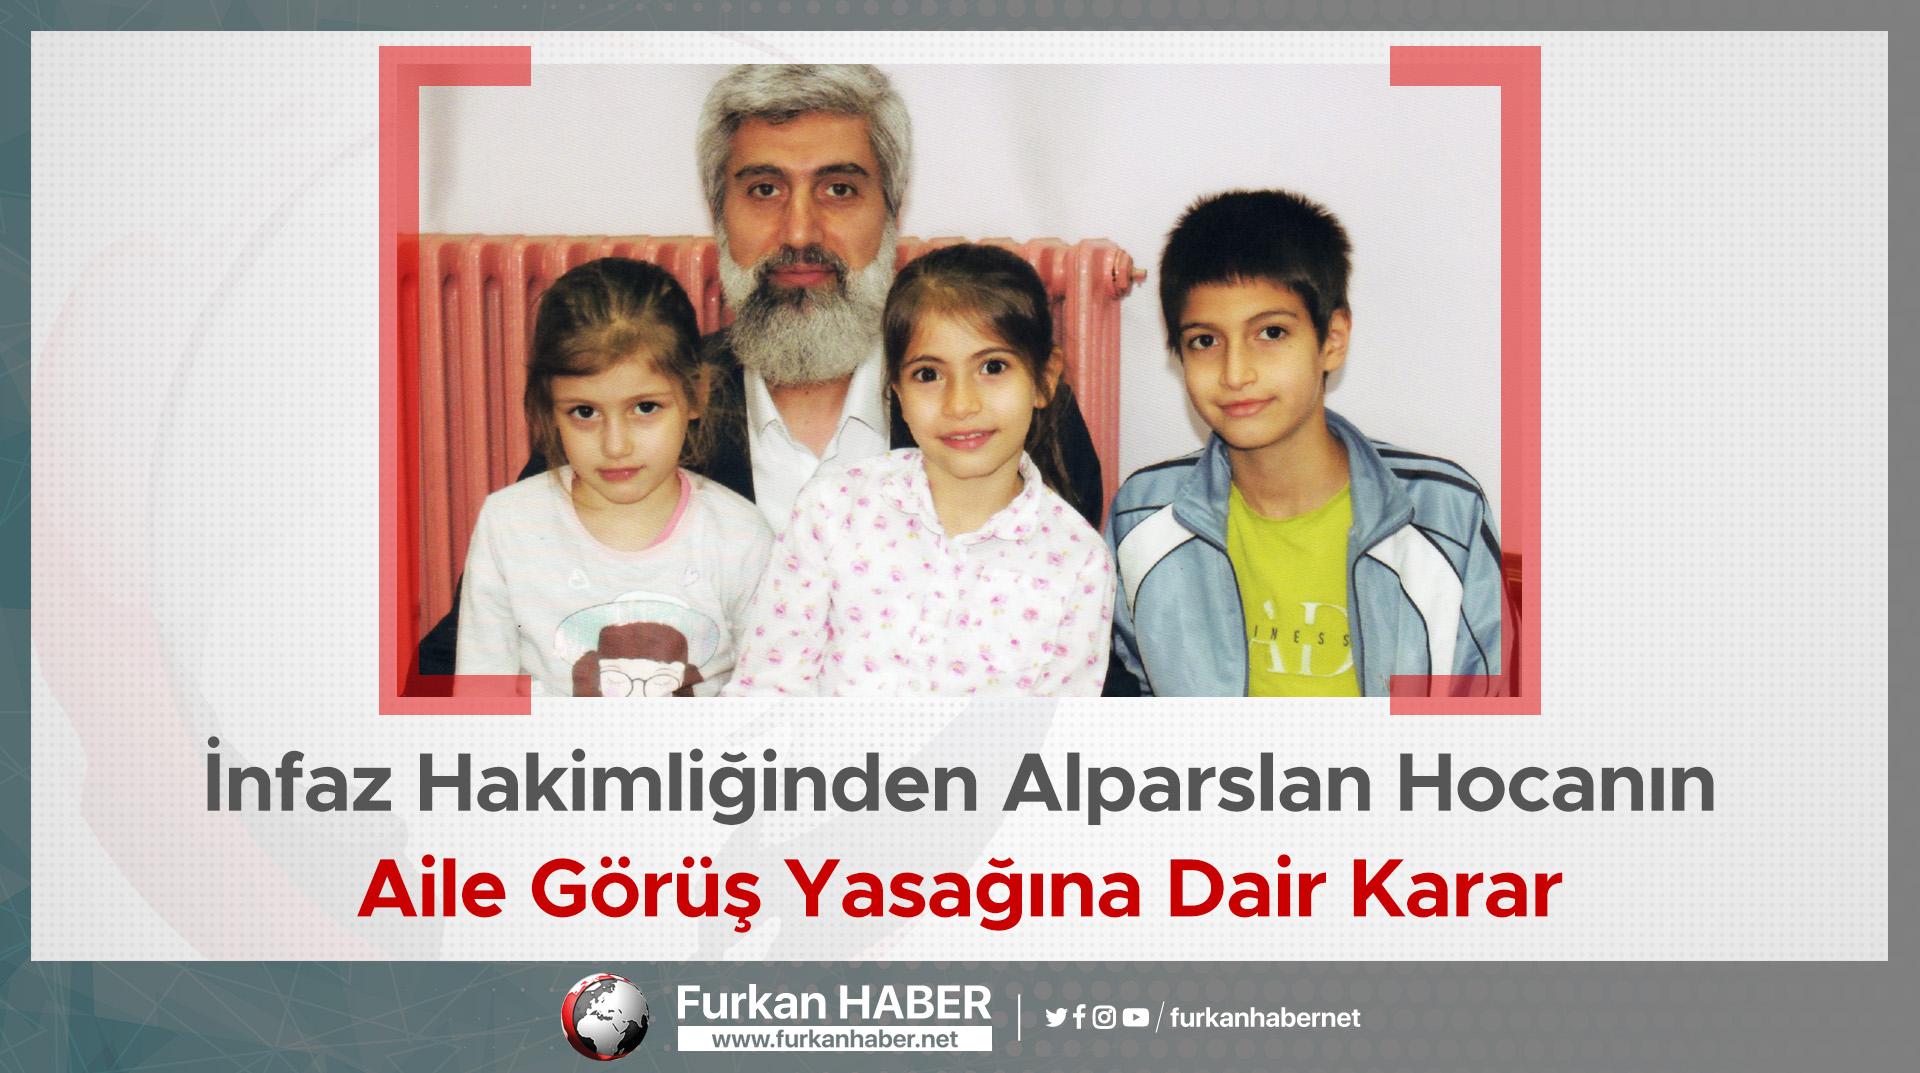 İnfaz Hakimliğinden Alparslan Hocanın Aile Görüş Yasağına Dair Karar